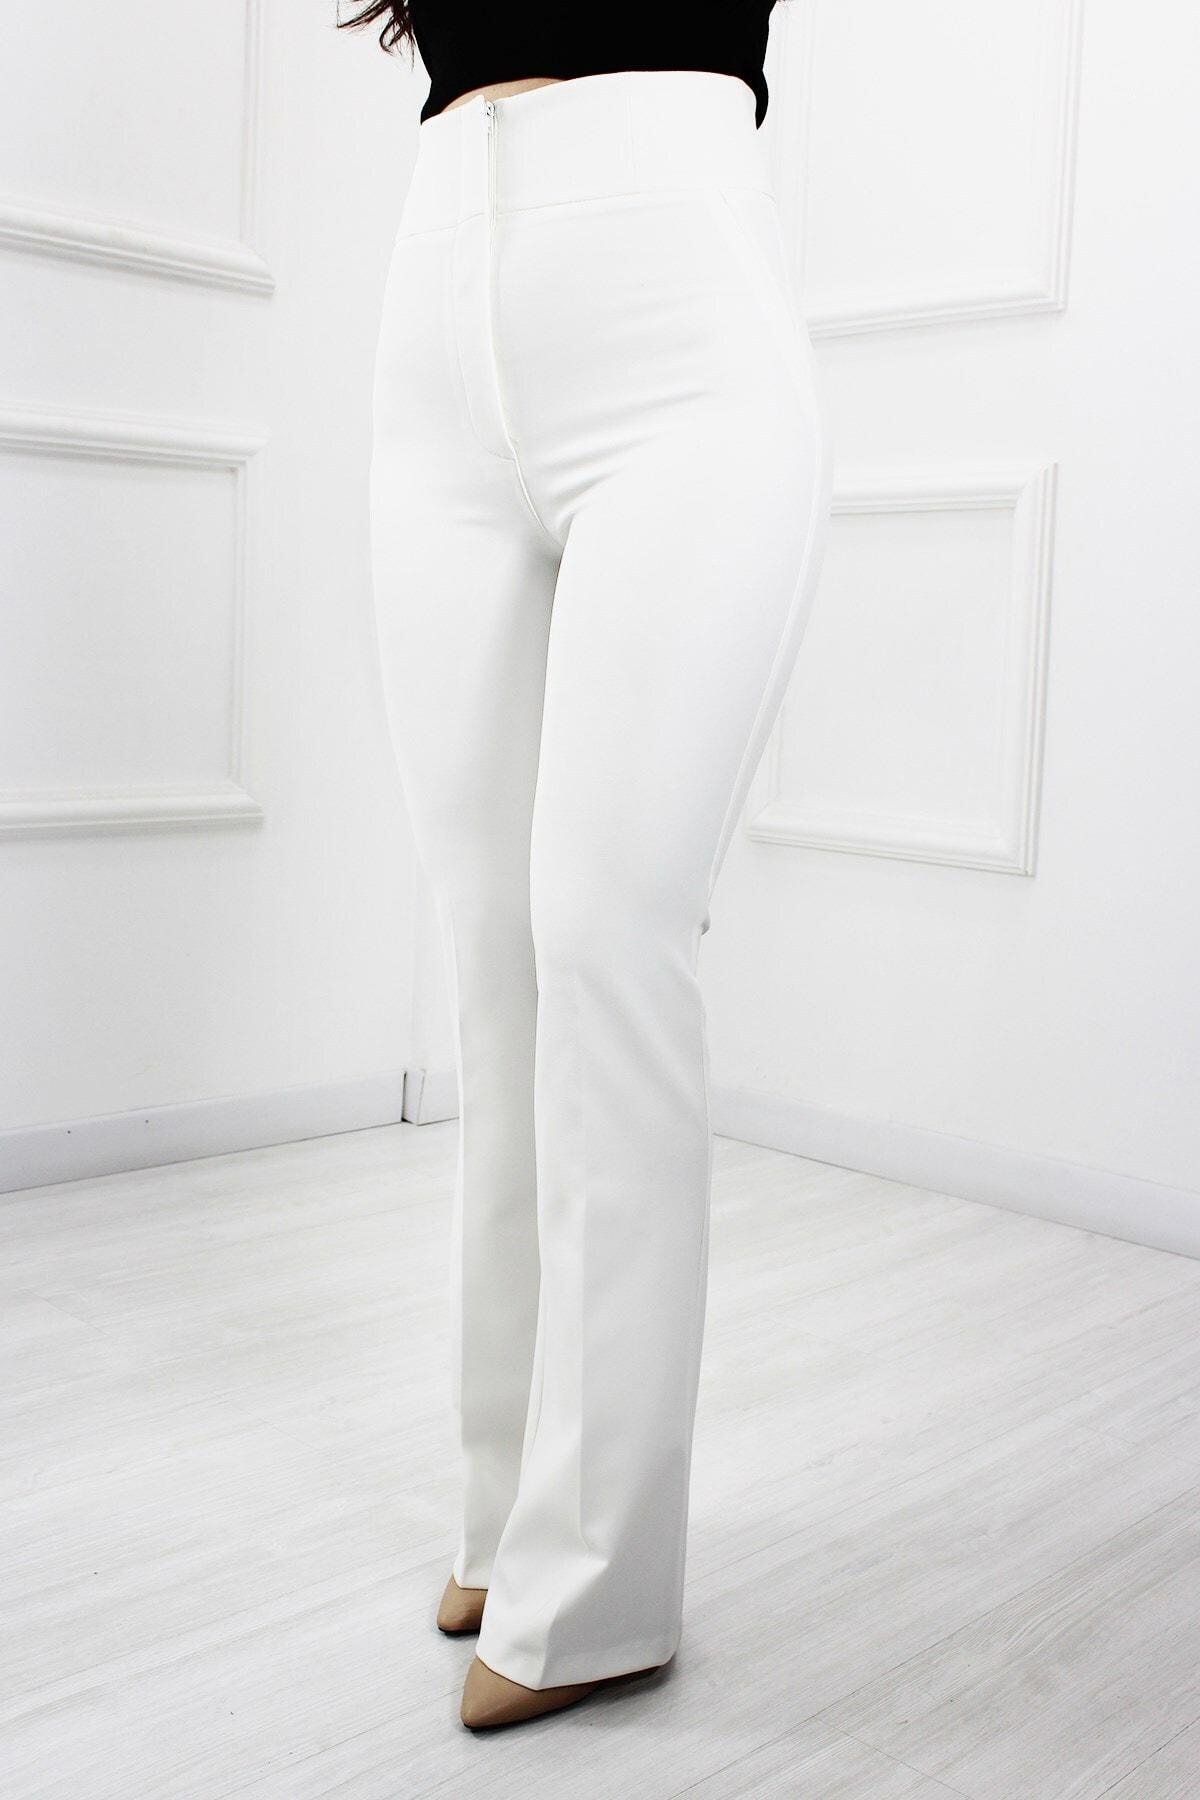 UGİMPOL Kadın Beyaz Yüksek Bel İspanyol Paça Pantolon 2